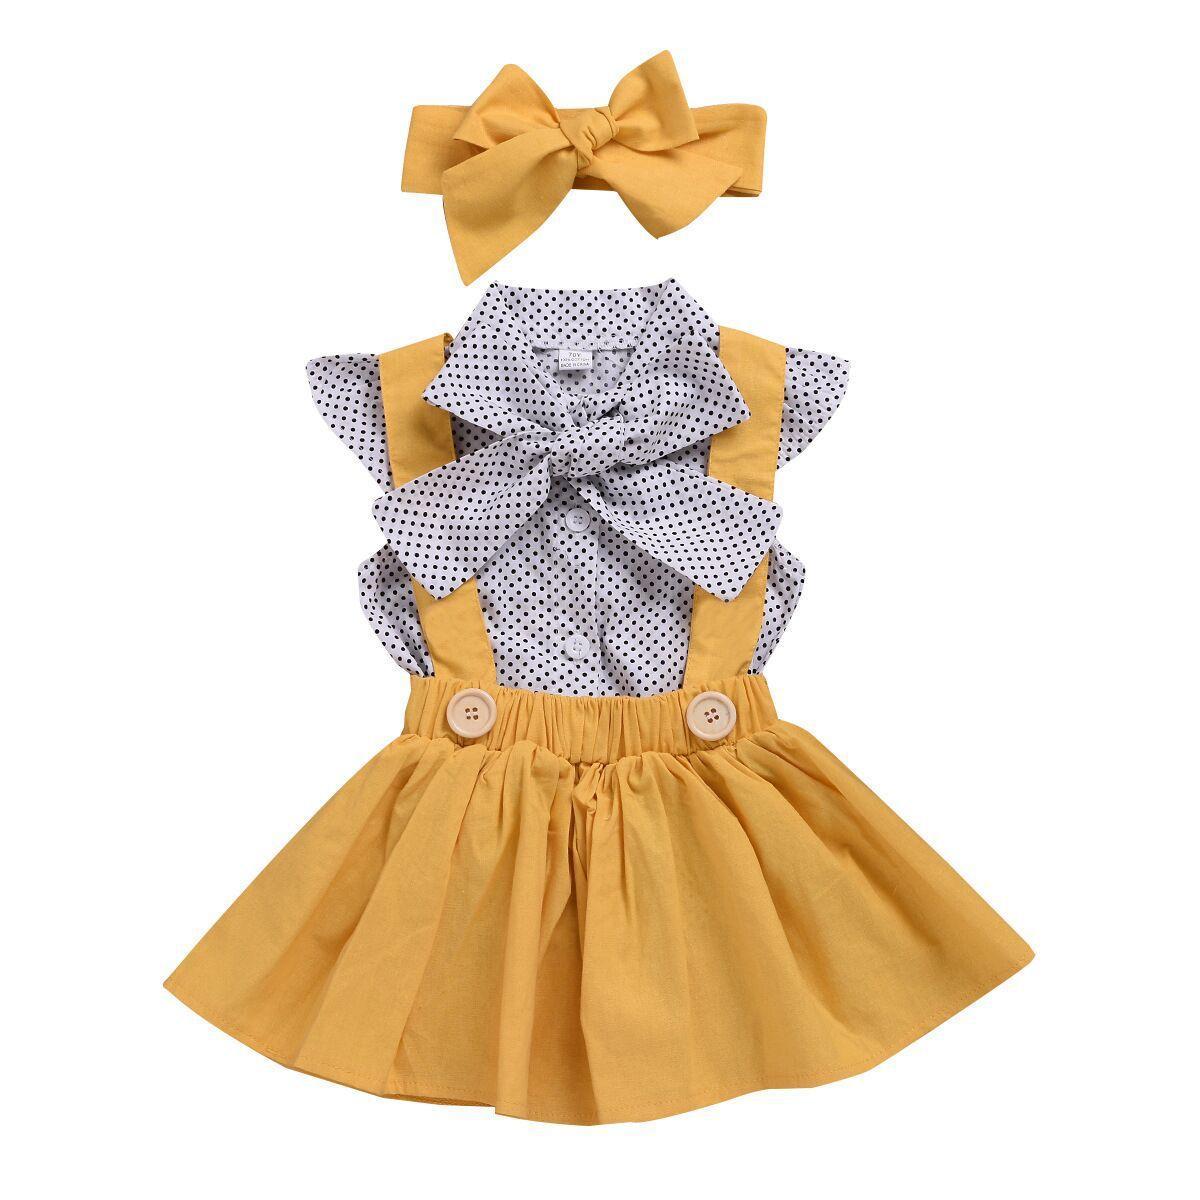 Vestidos formales de niña Vestidos de fiesta de bodas para niños Ropa para niñas bebés Traje para niñas de niños Boutique